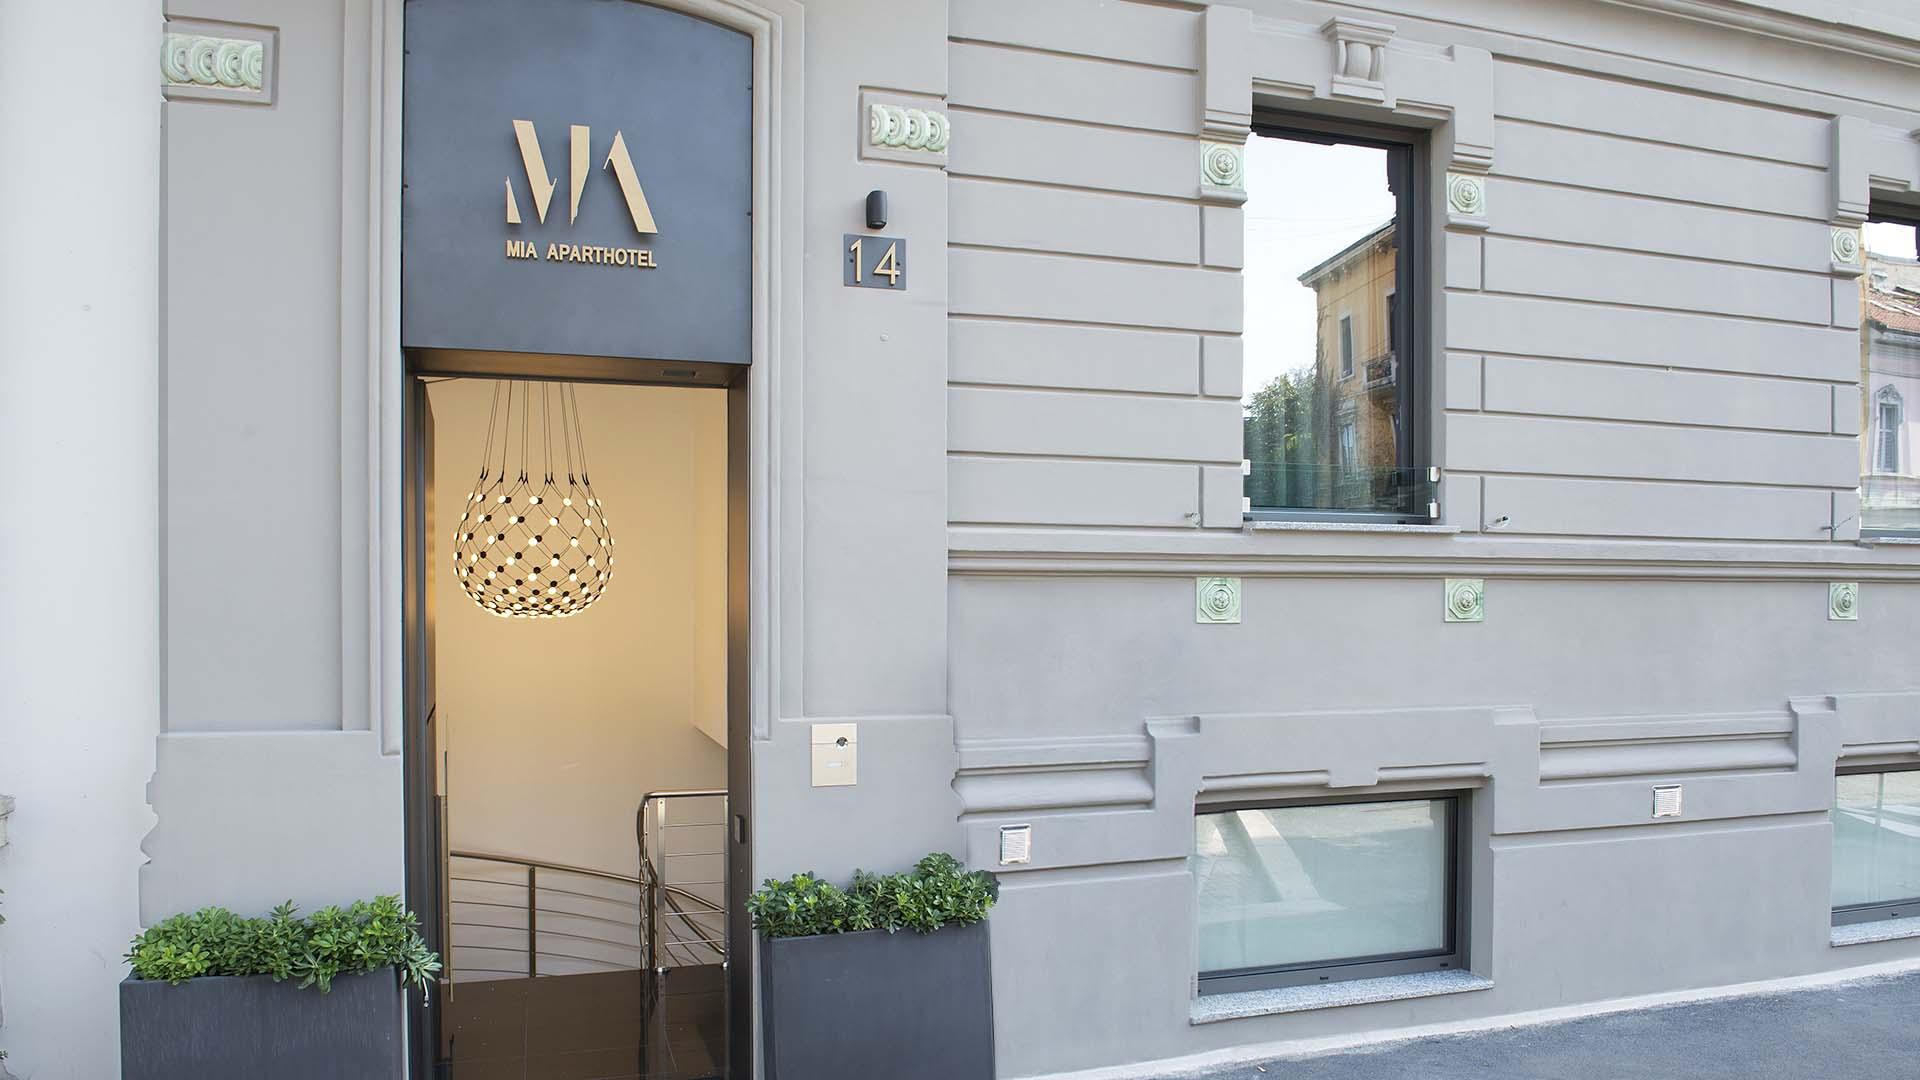 Mia Aparthotel Milano - entrée